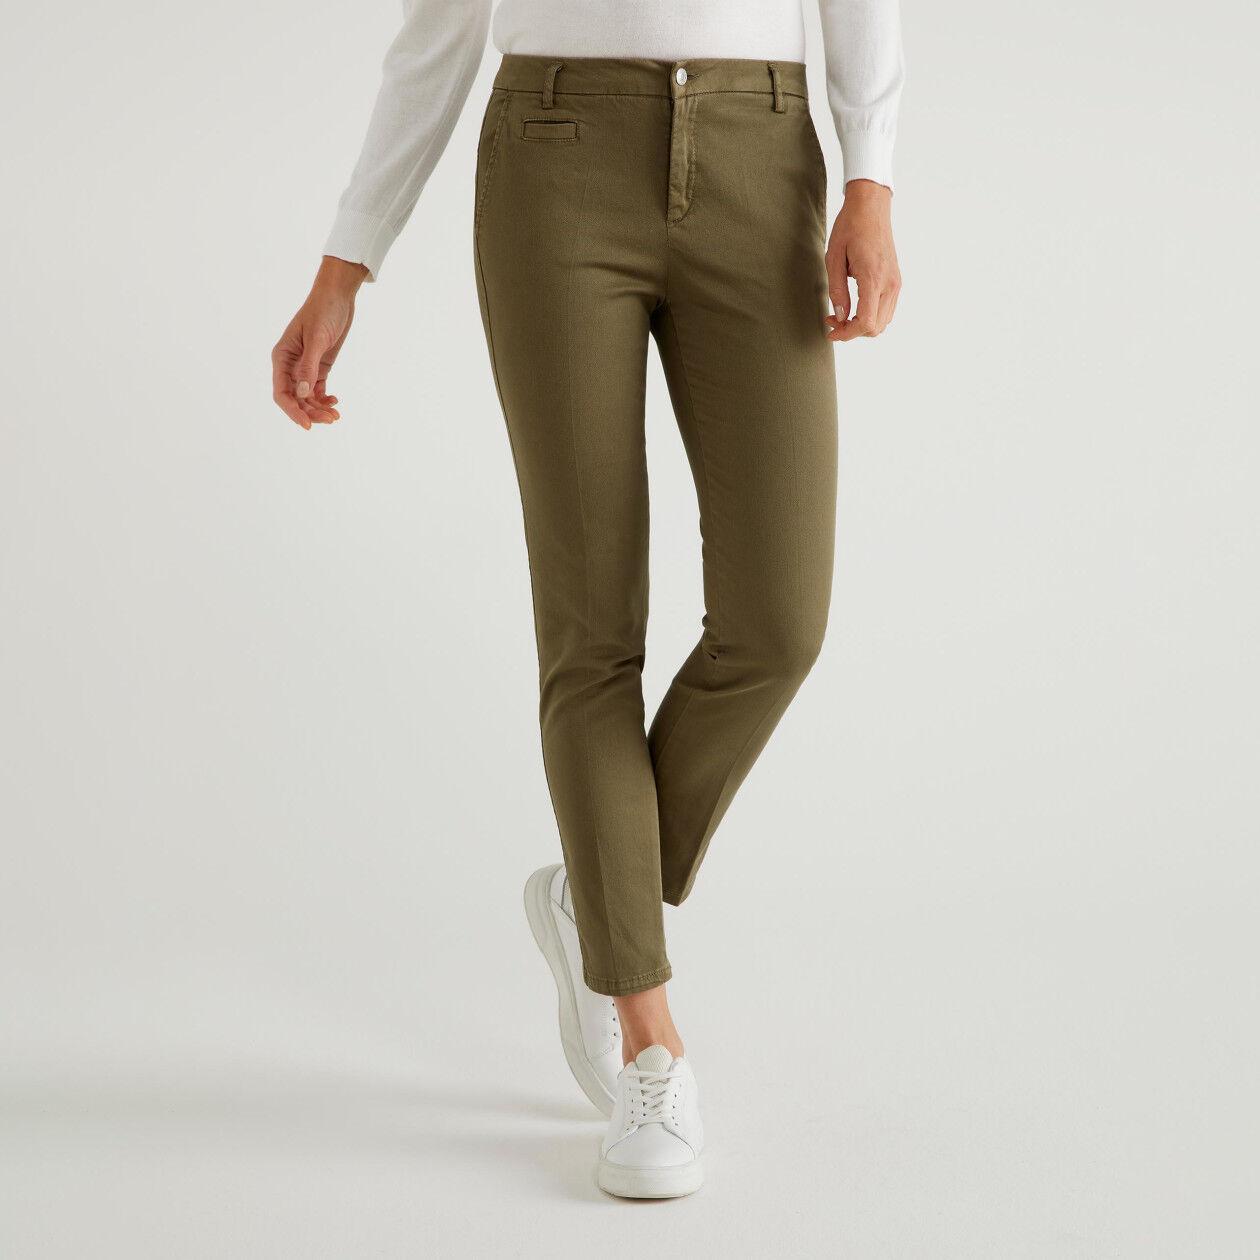 Pantalones chinos ceñidos